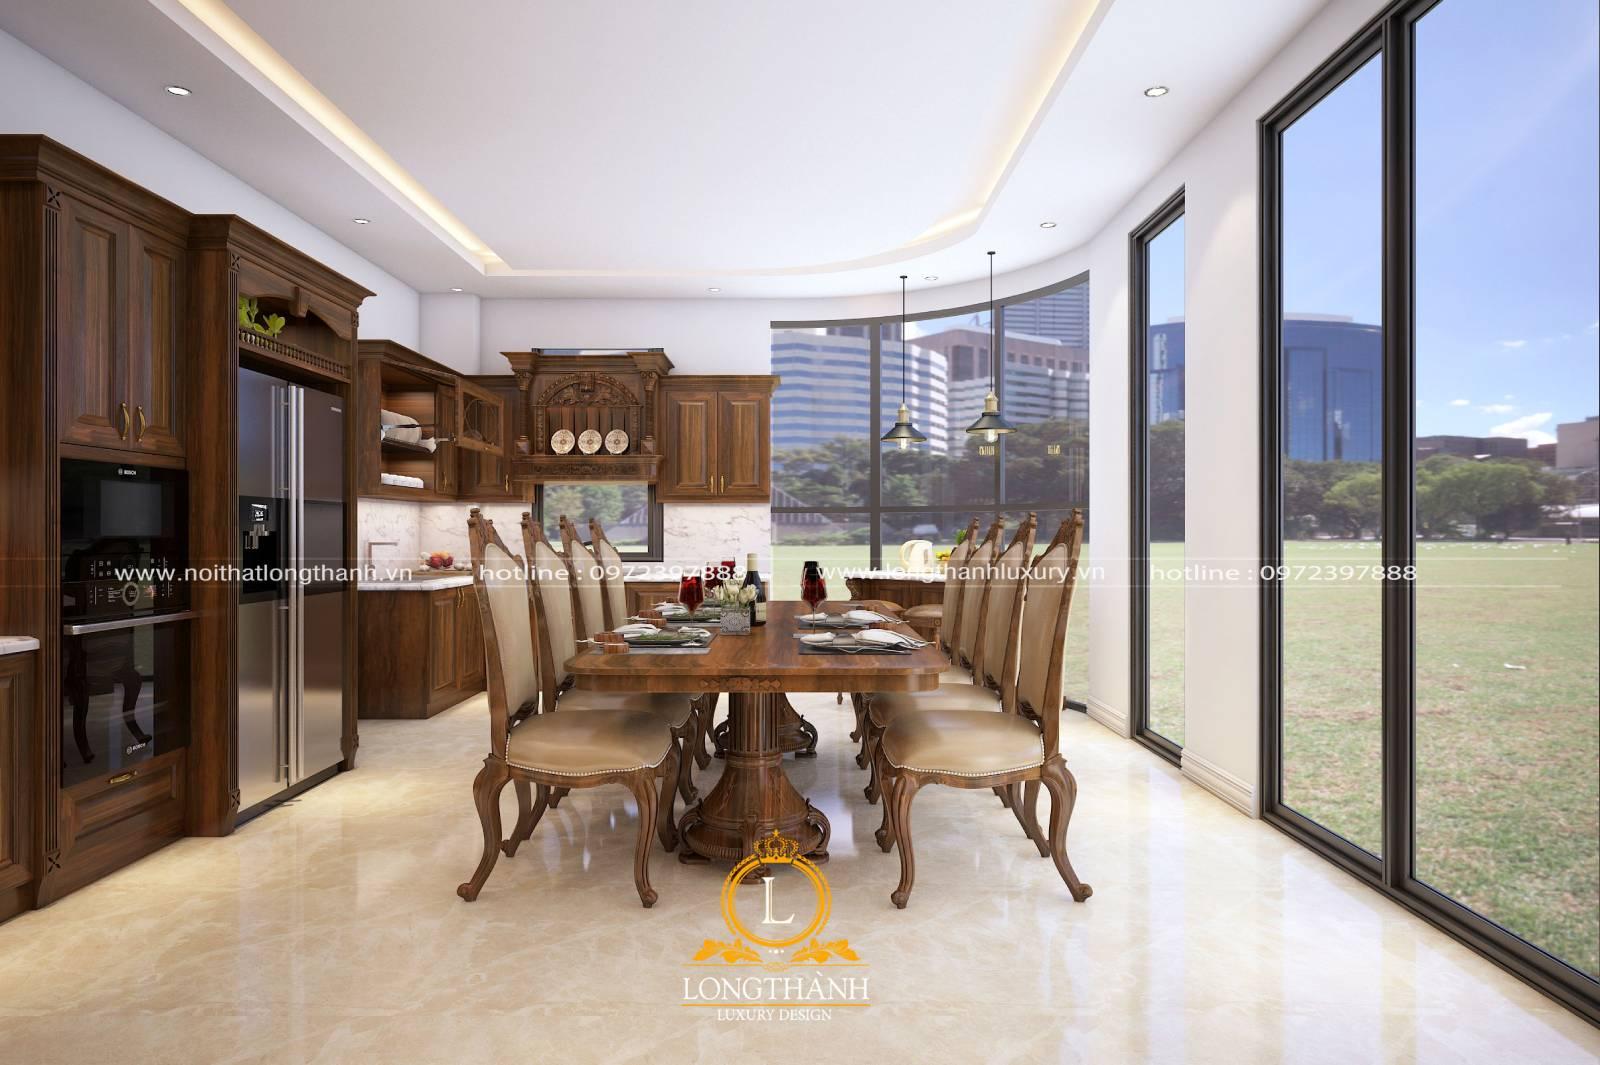 Bộ bàn ghế ăn kết hợp hài hòa với tổng thể nội thất phòng ăn